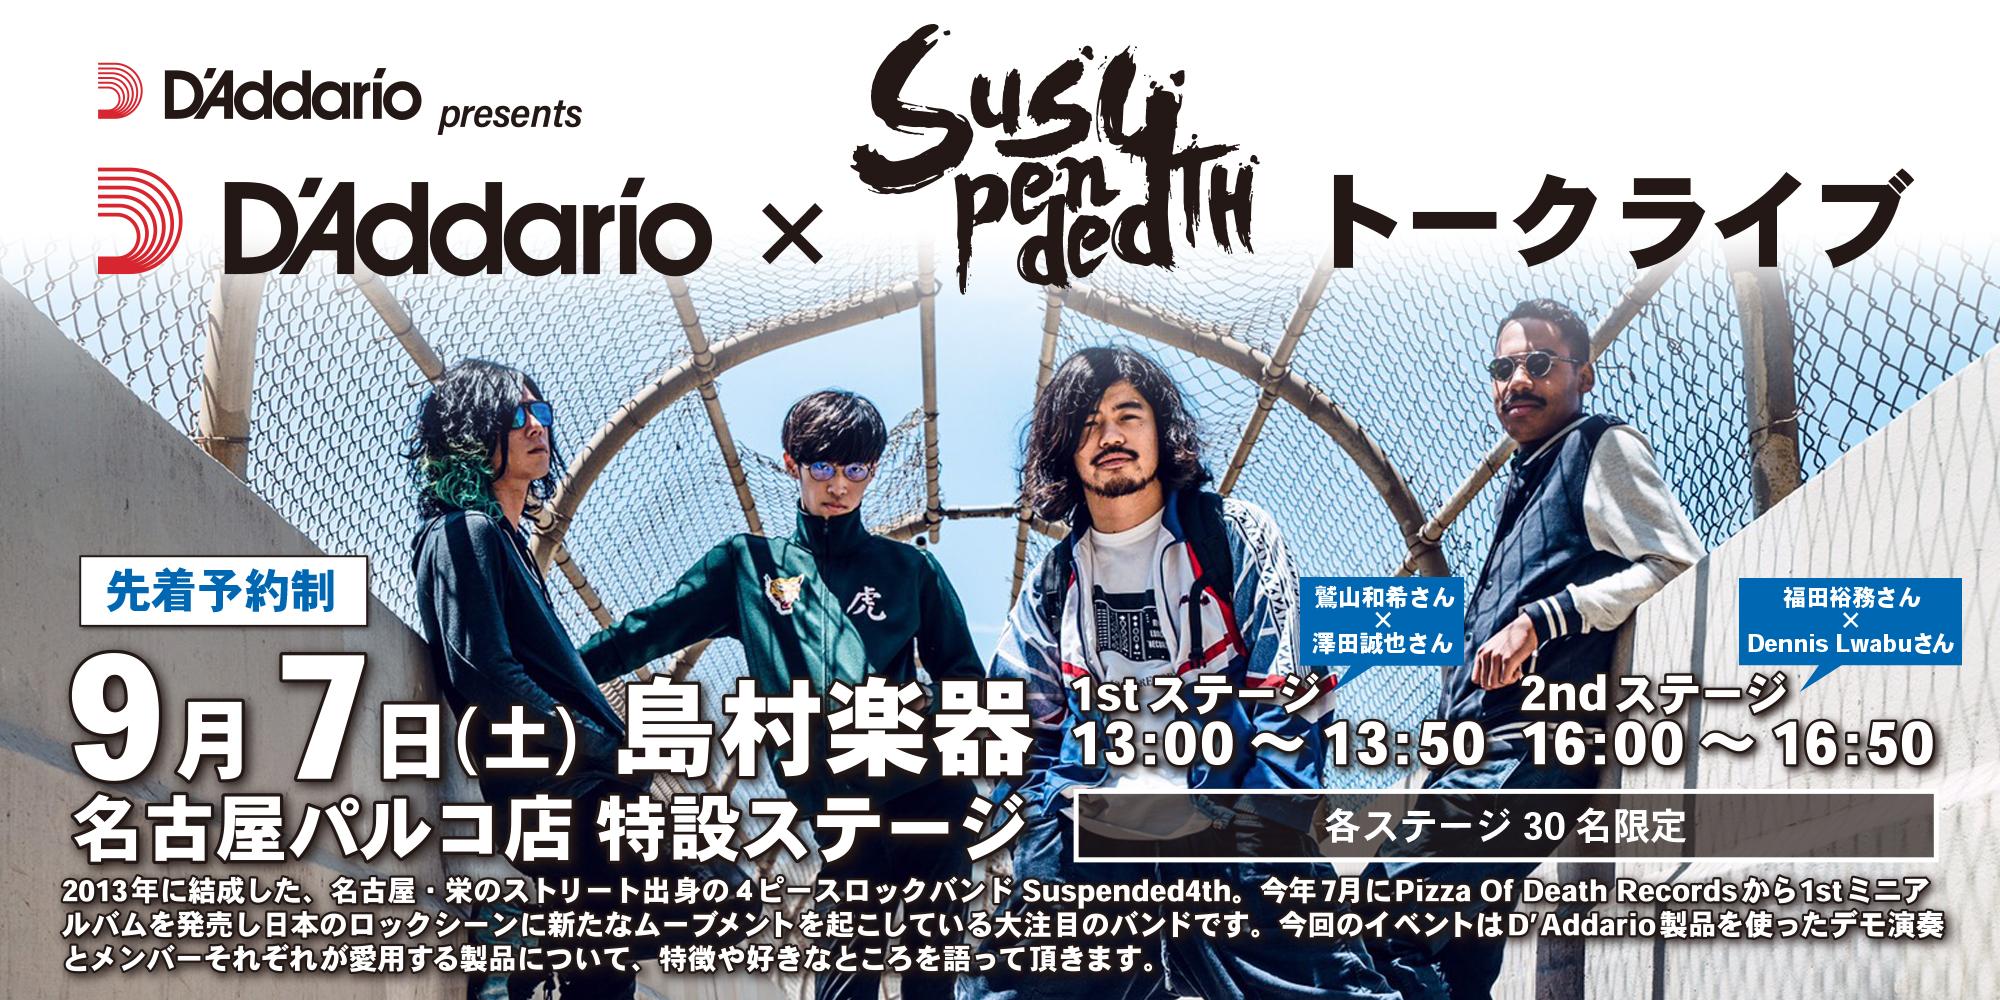 イベント情報『D'Addario x Suspended4th トークライブ』【 9月7日(土)】@島村楽器名古屋パルコ店にて開催!